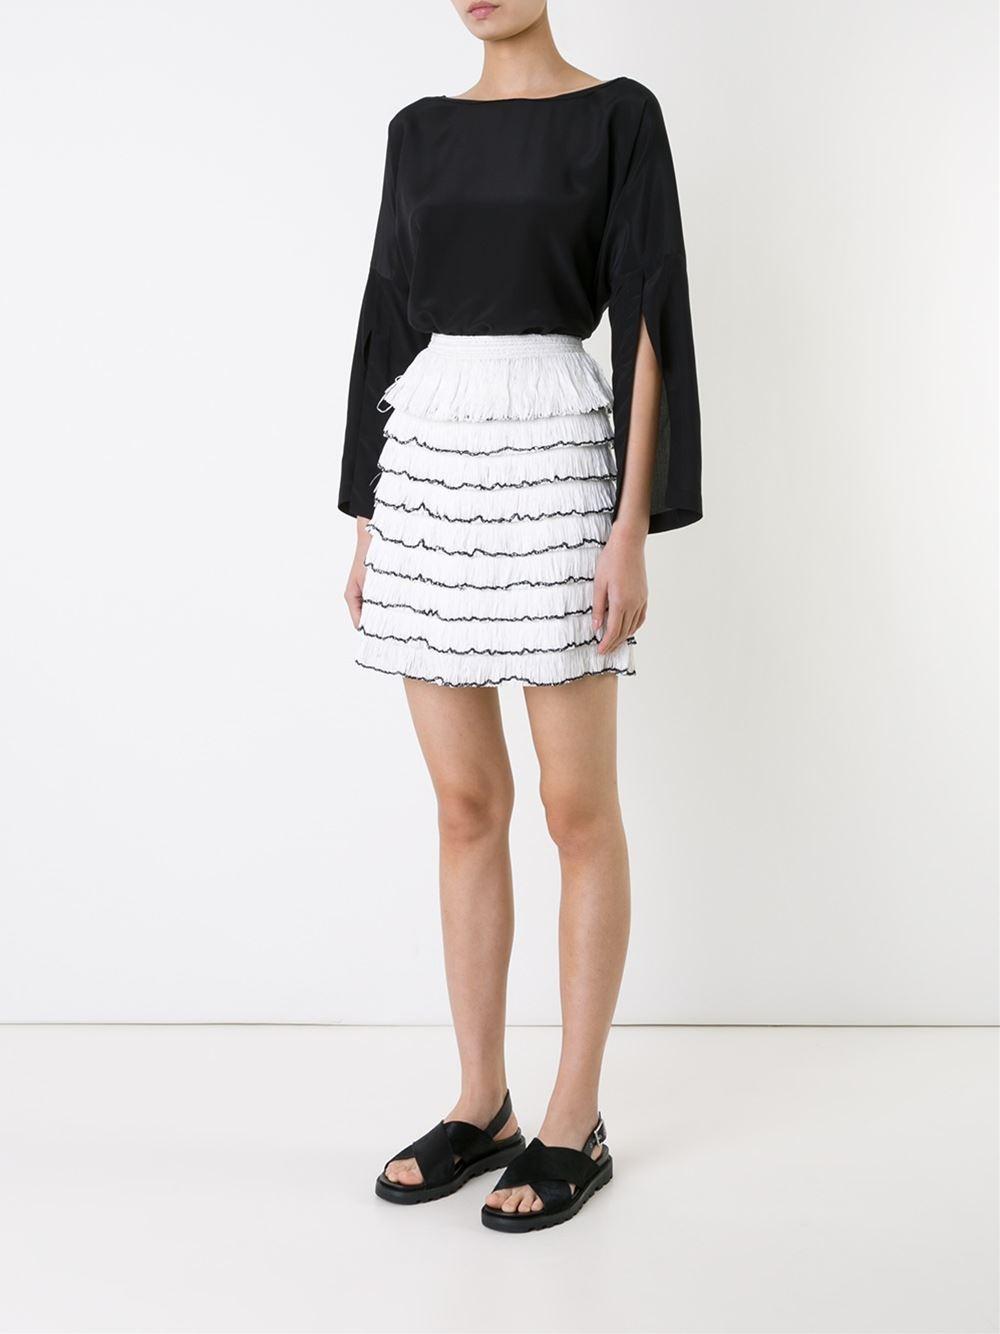 KITZ White and black raffia fringed mini-skirt $388.31